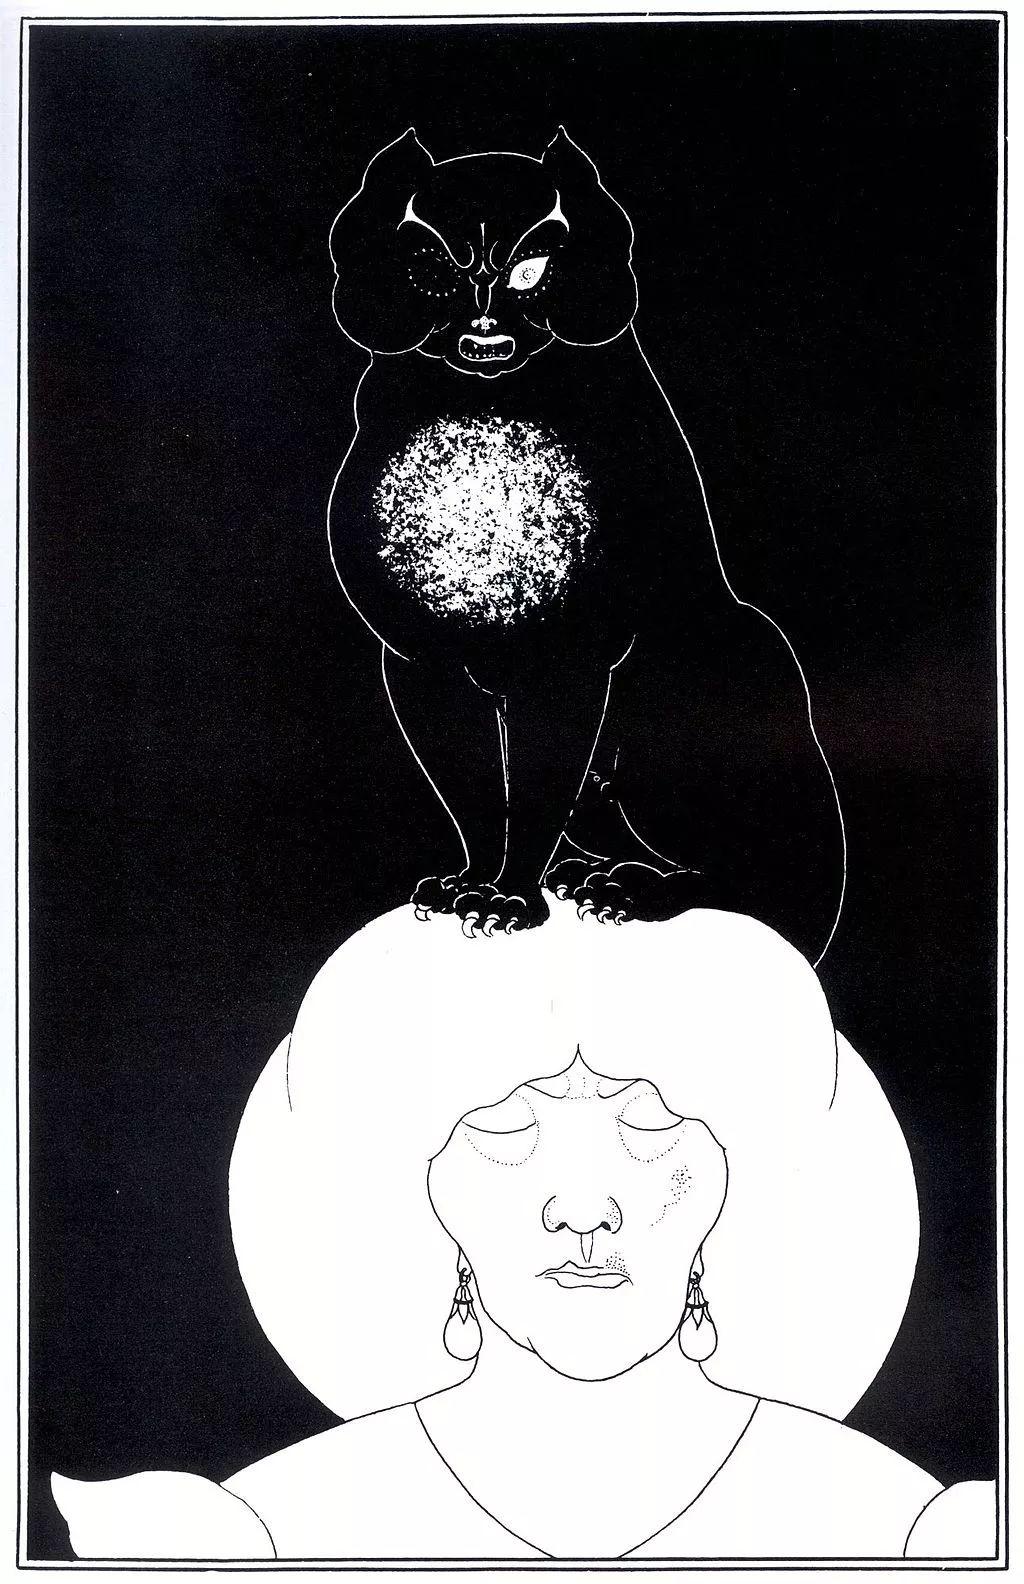 [英國插畫家]奧布里·文森特·比爾茲利 - 嗶哩嗶哩